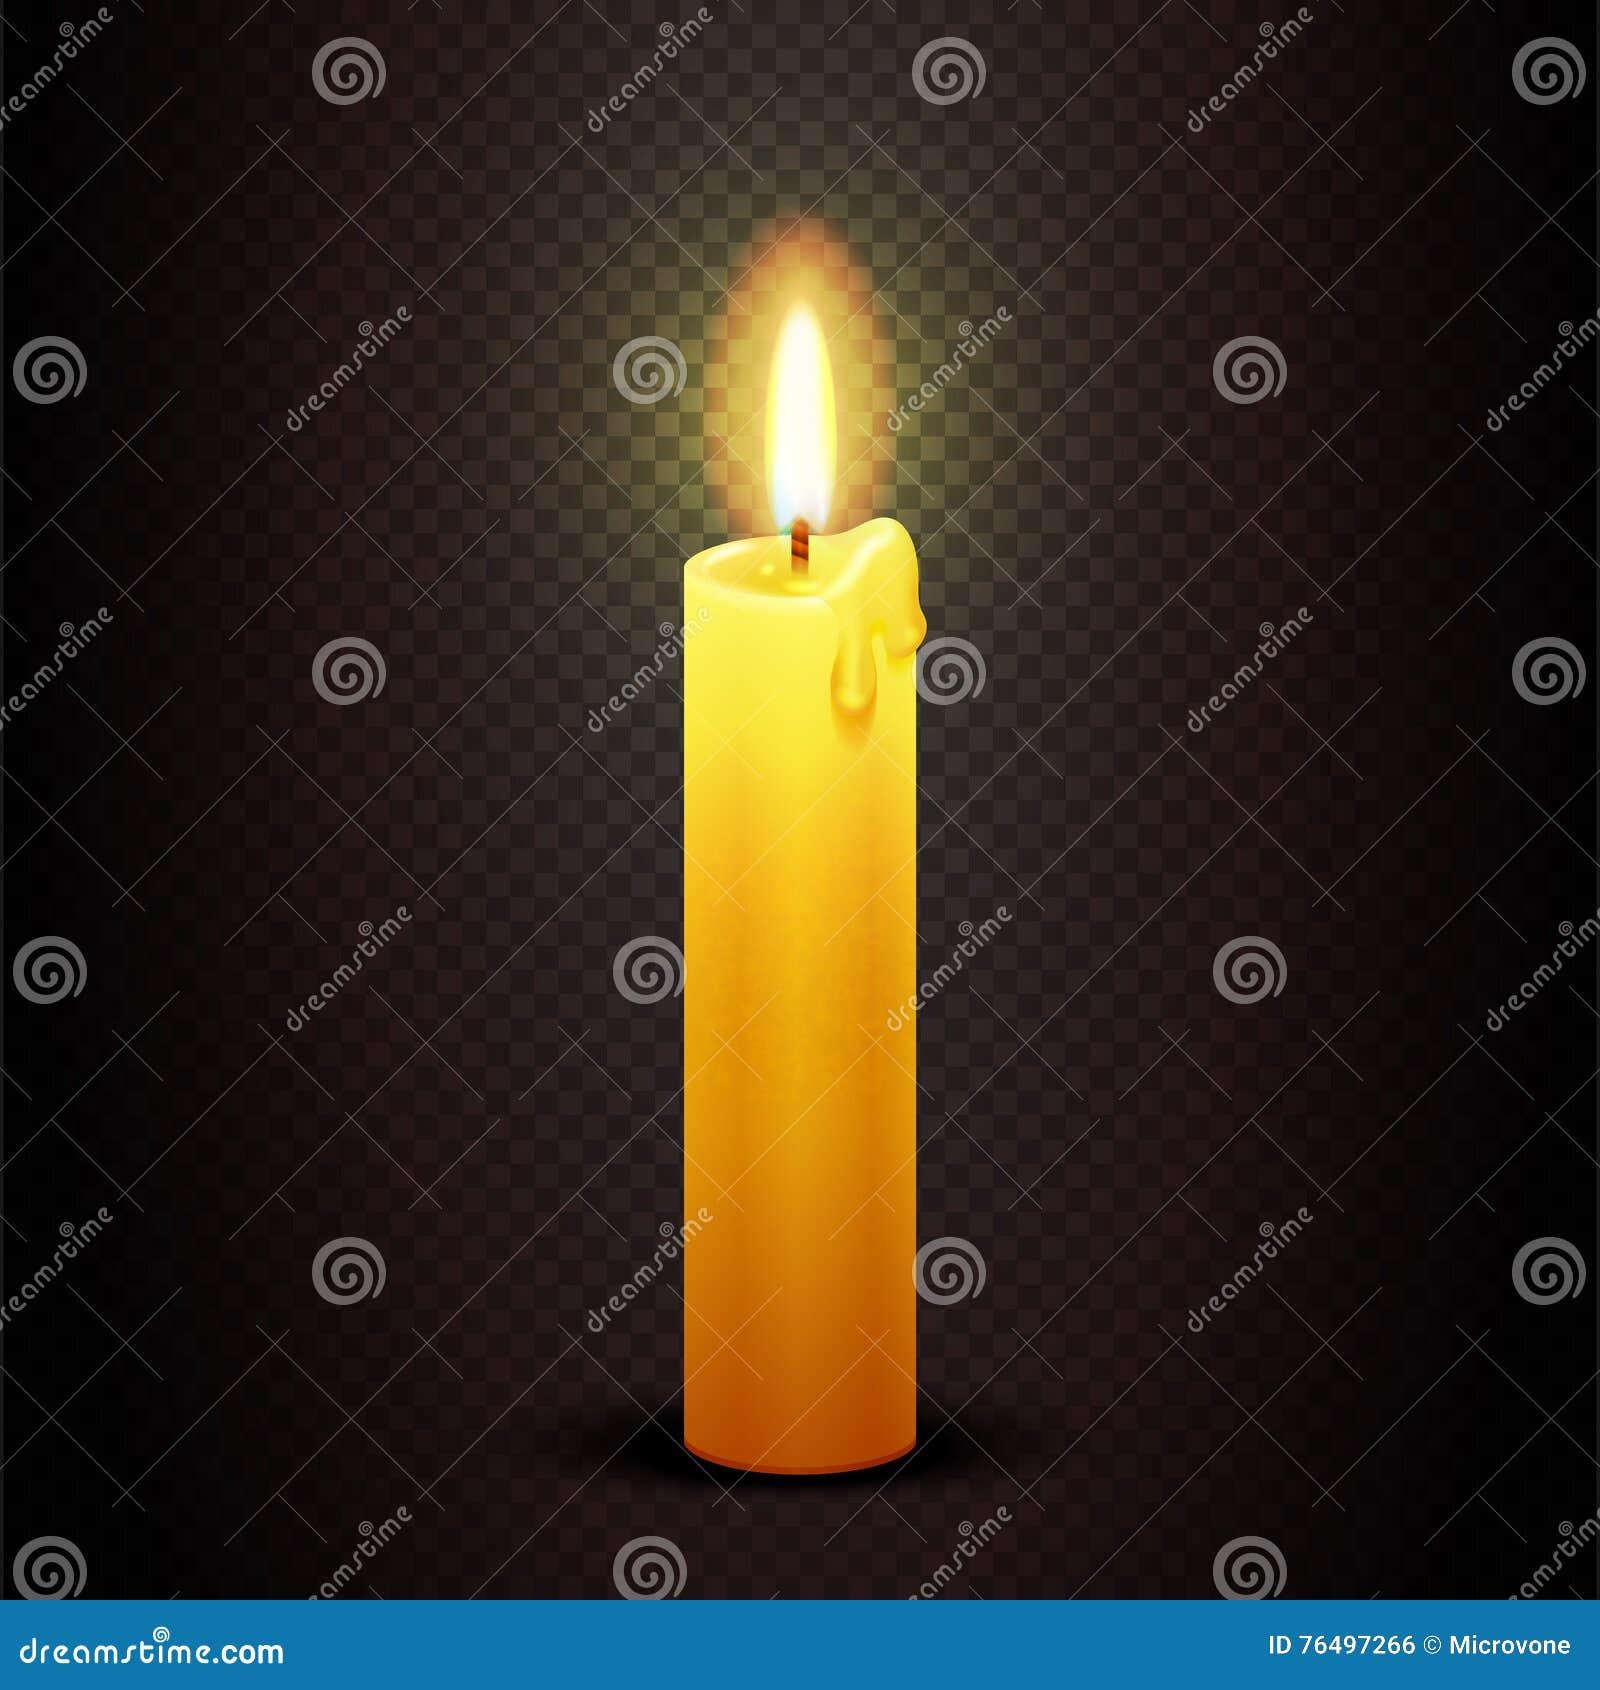 Vector La Vela Con La Llama En Fondo, La Navidad De La Luz De Una ...